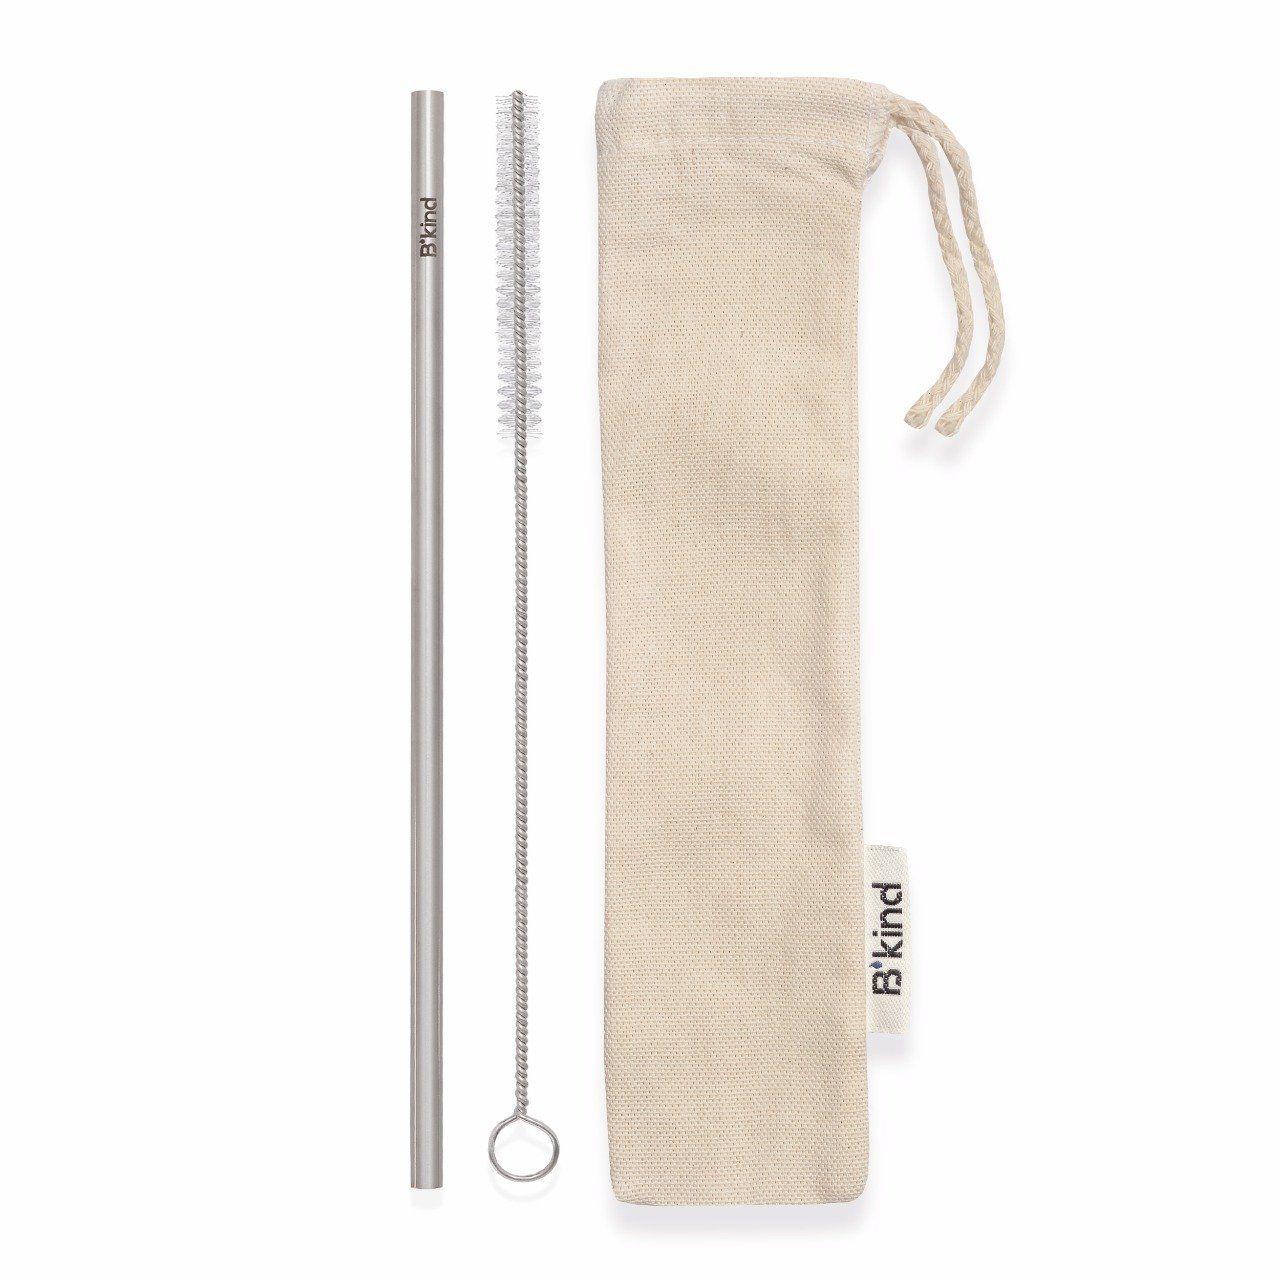 1 Eco Canudo Reto 6mm Bkind Aço Inox 304 Puro + Escova Easy Clean + Eco Bag